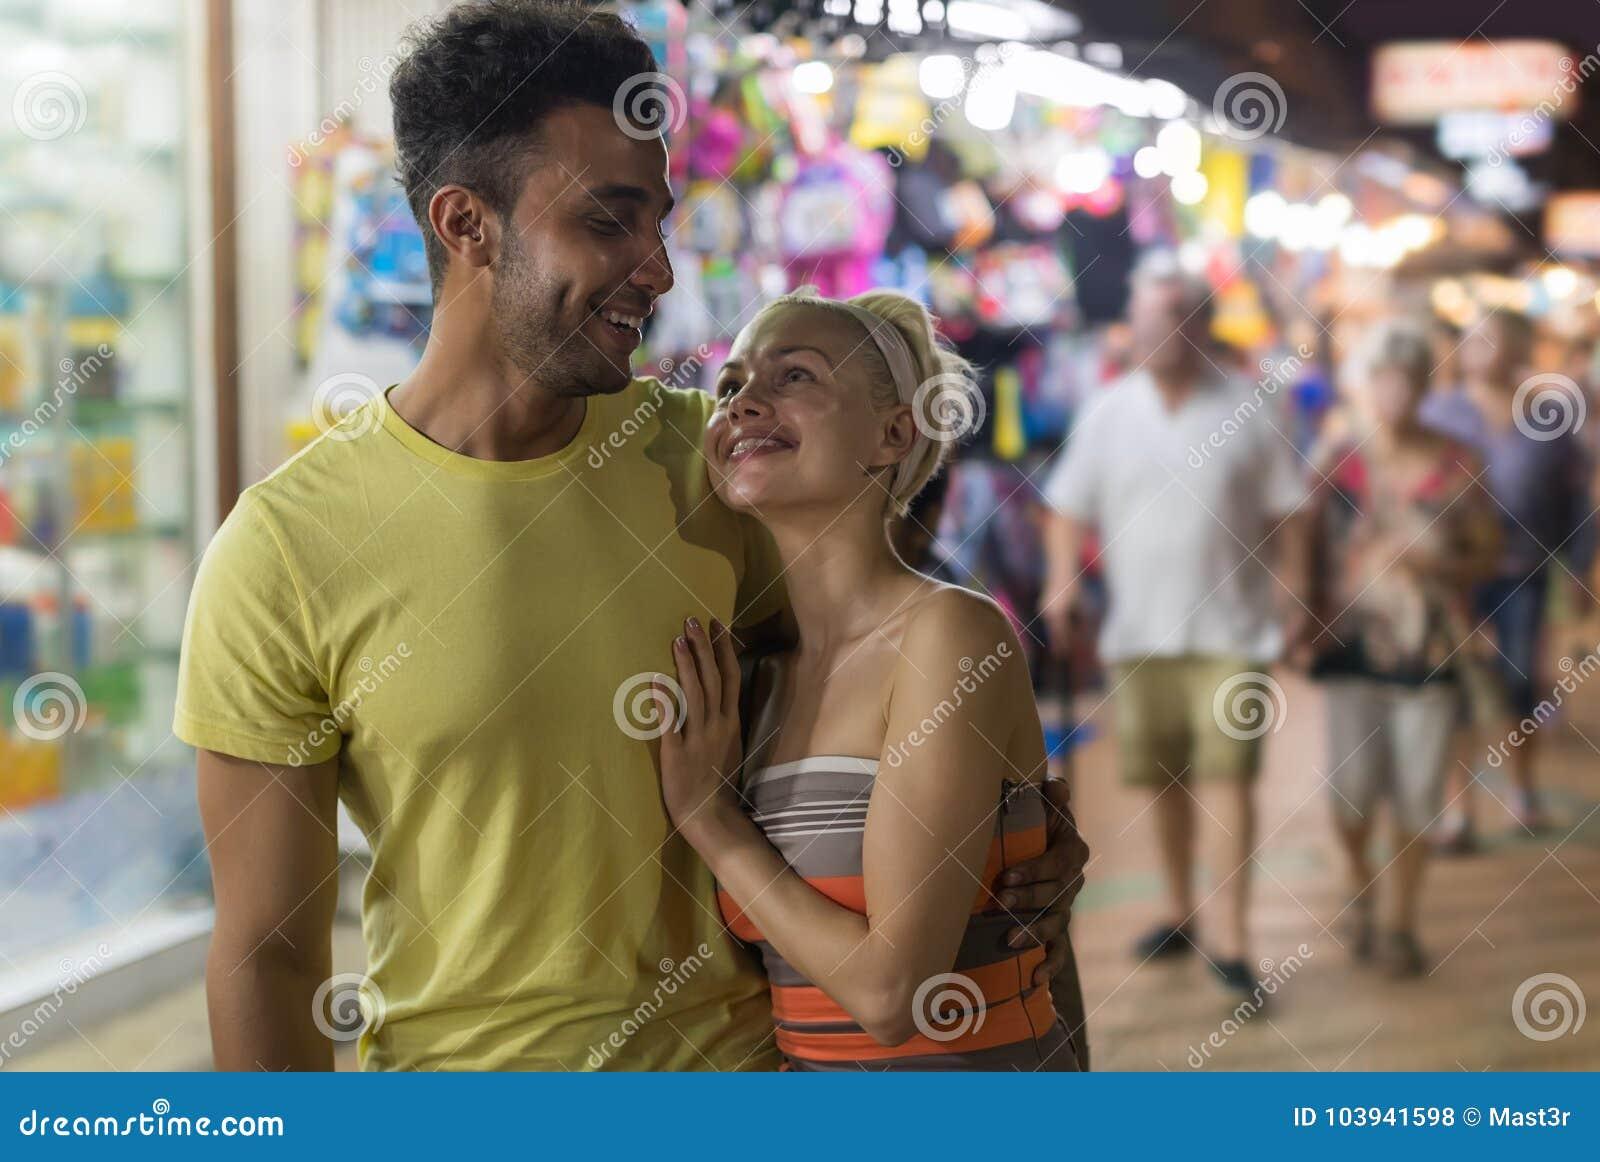 Пары обнимая на уличном рынке, человеке гонки смешивания и одине другого женщины счастливом усмехаясь смотря